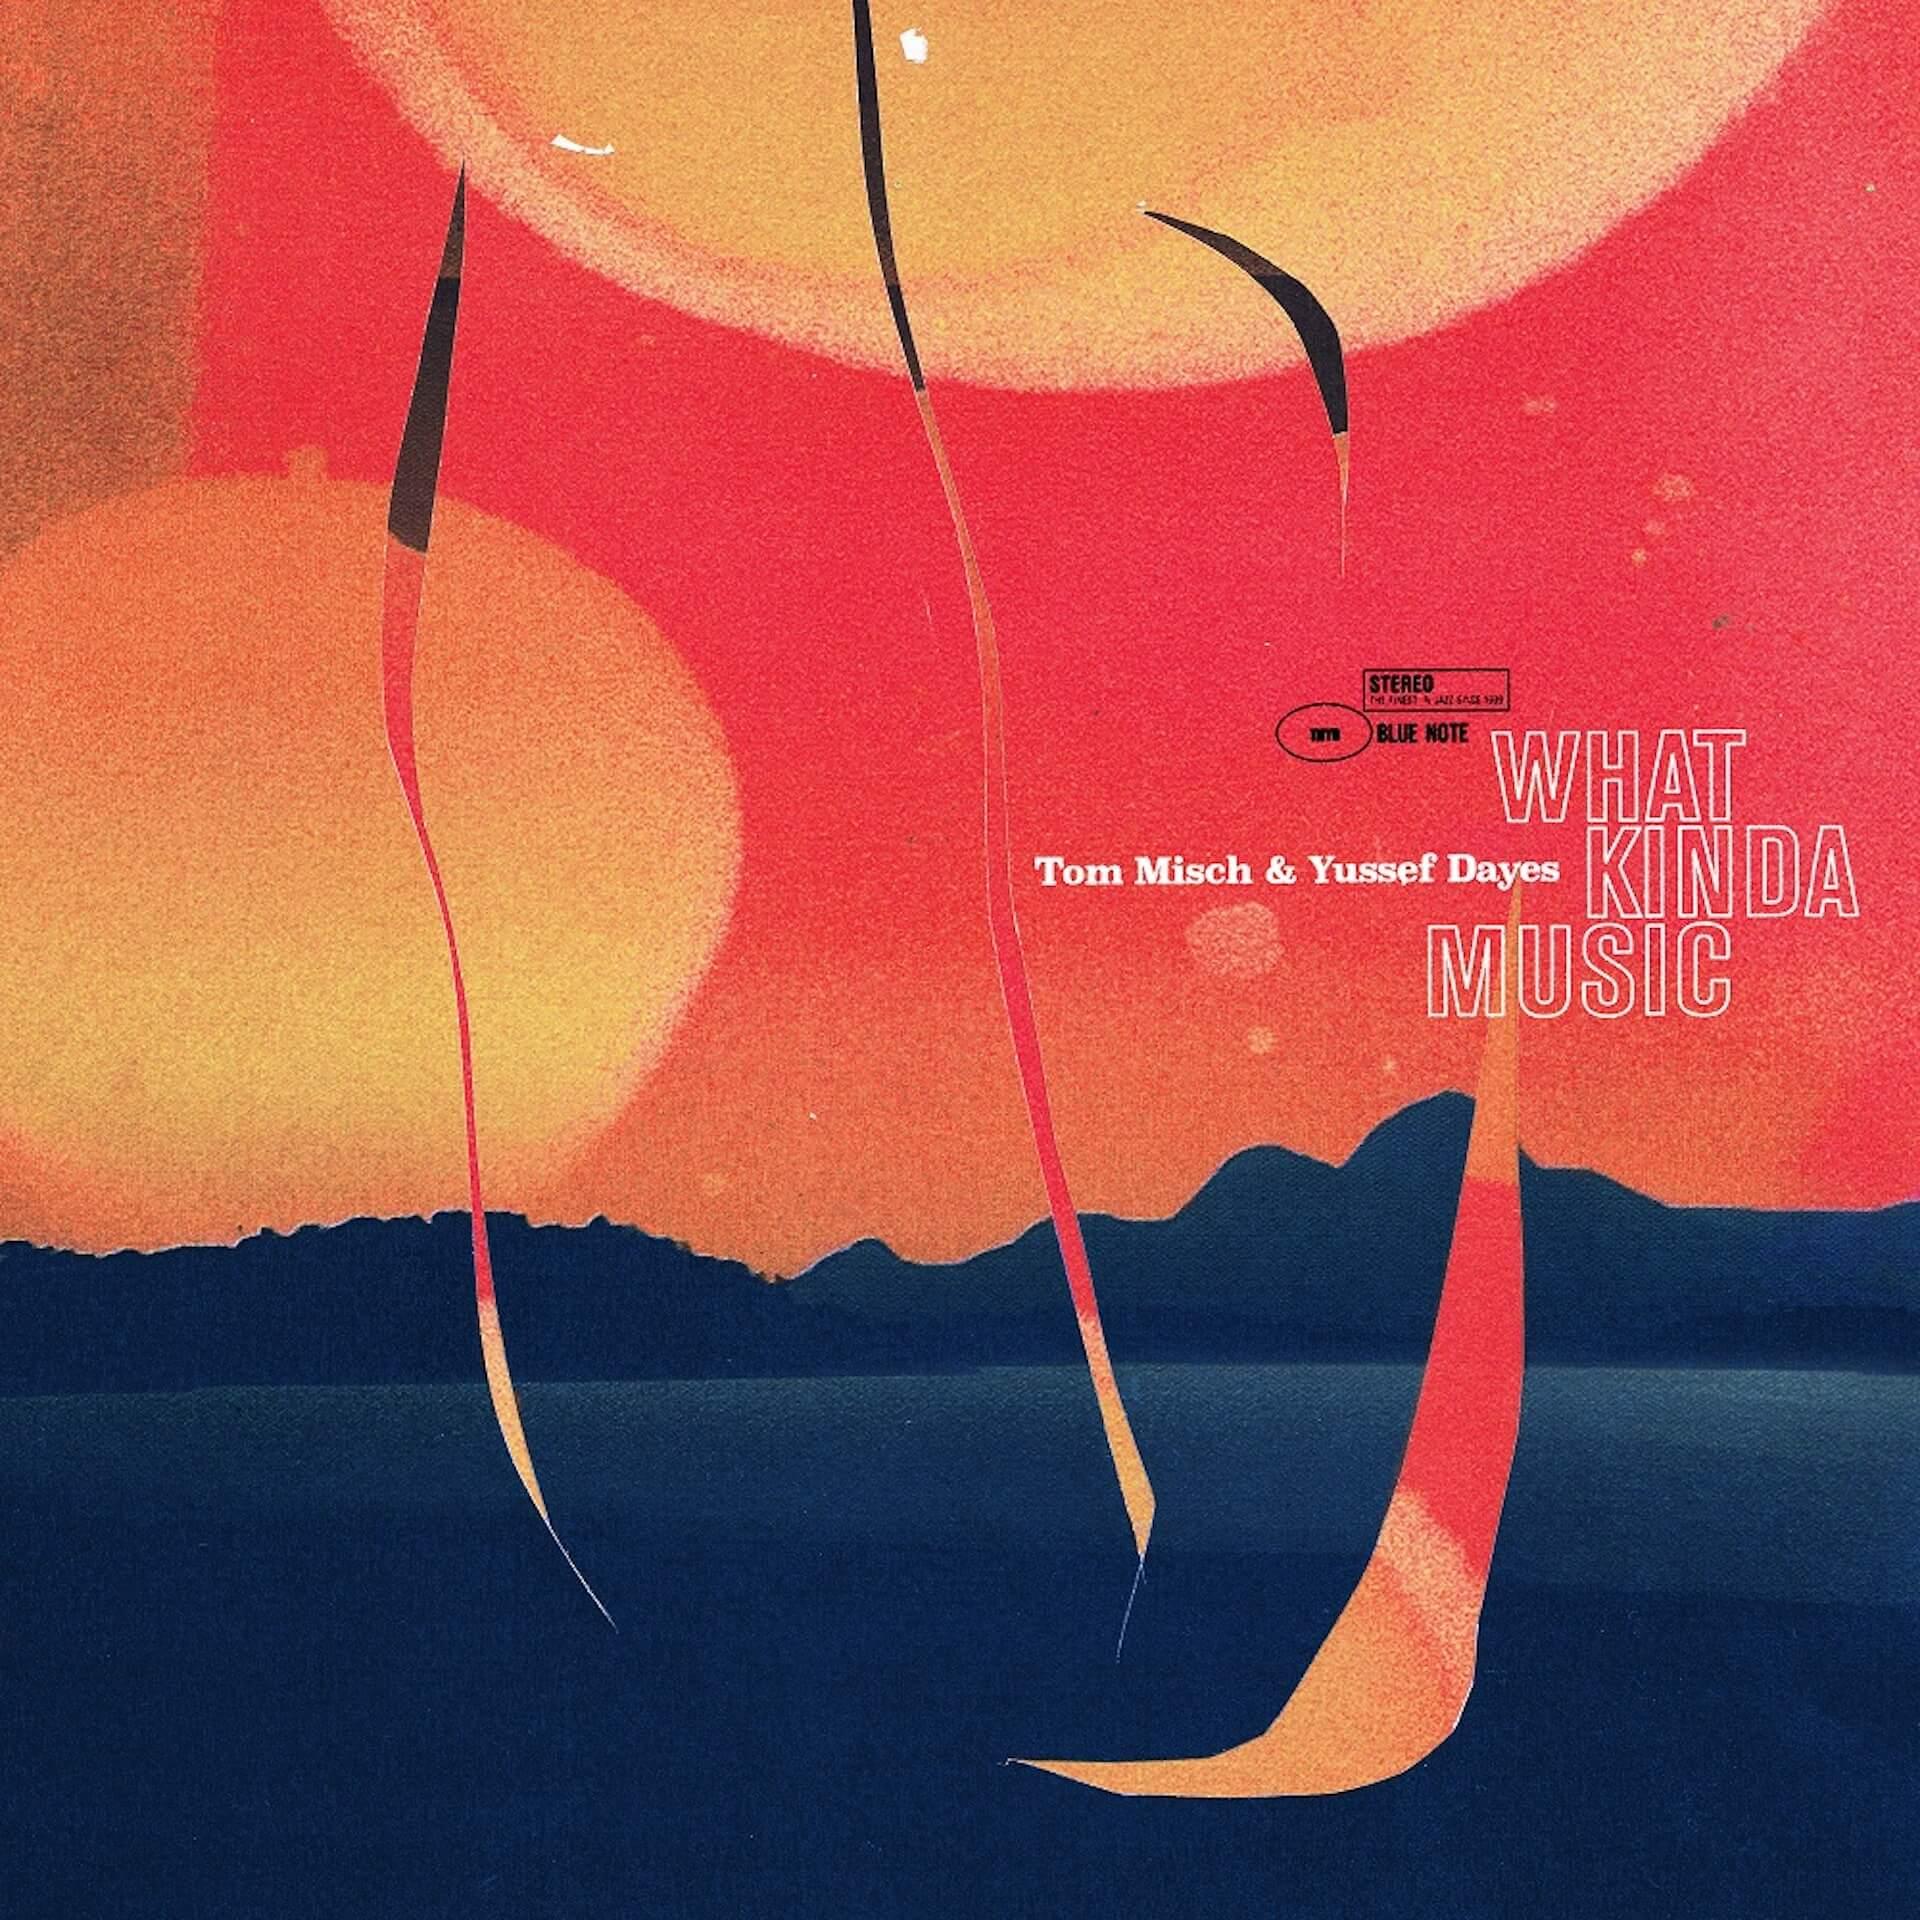 Quarantine Sessionが大好評なTom Misch、Yussef Dayes&Freddie Gibbsとの新曲MVを解禁! music200417_tommisch_yussefdayes_1